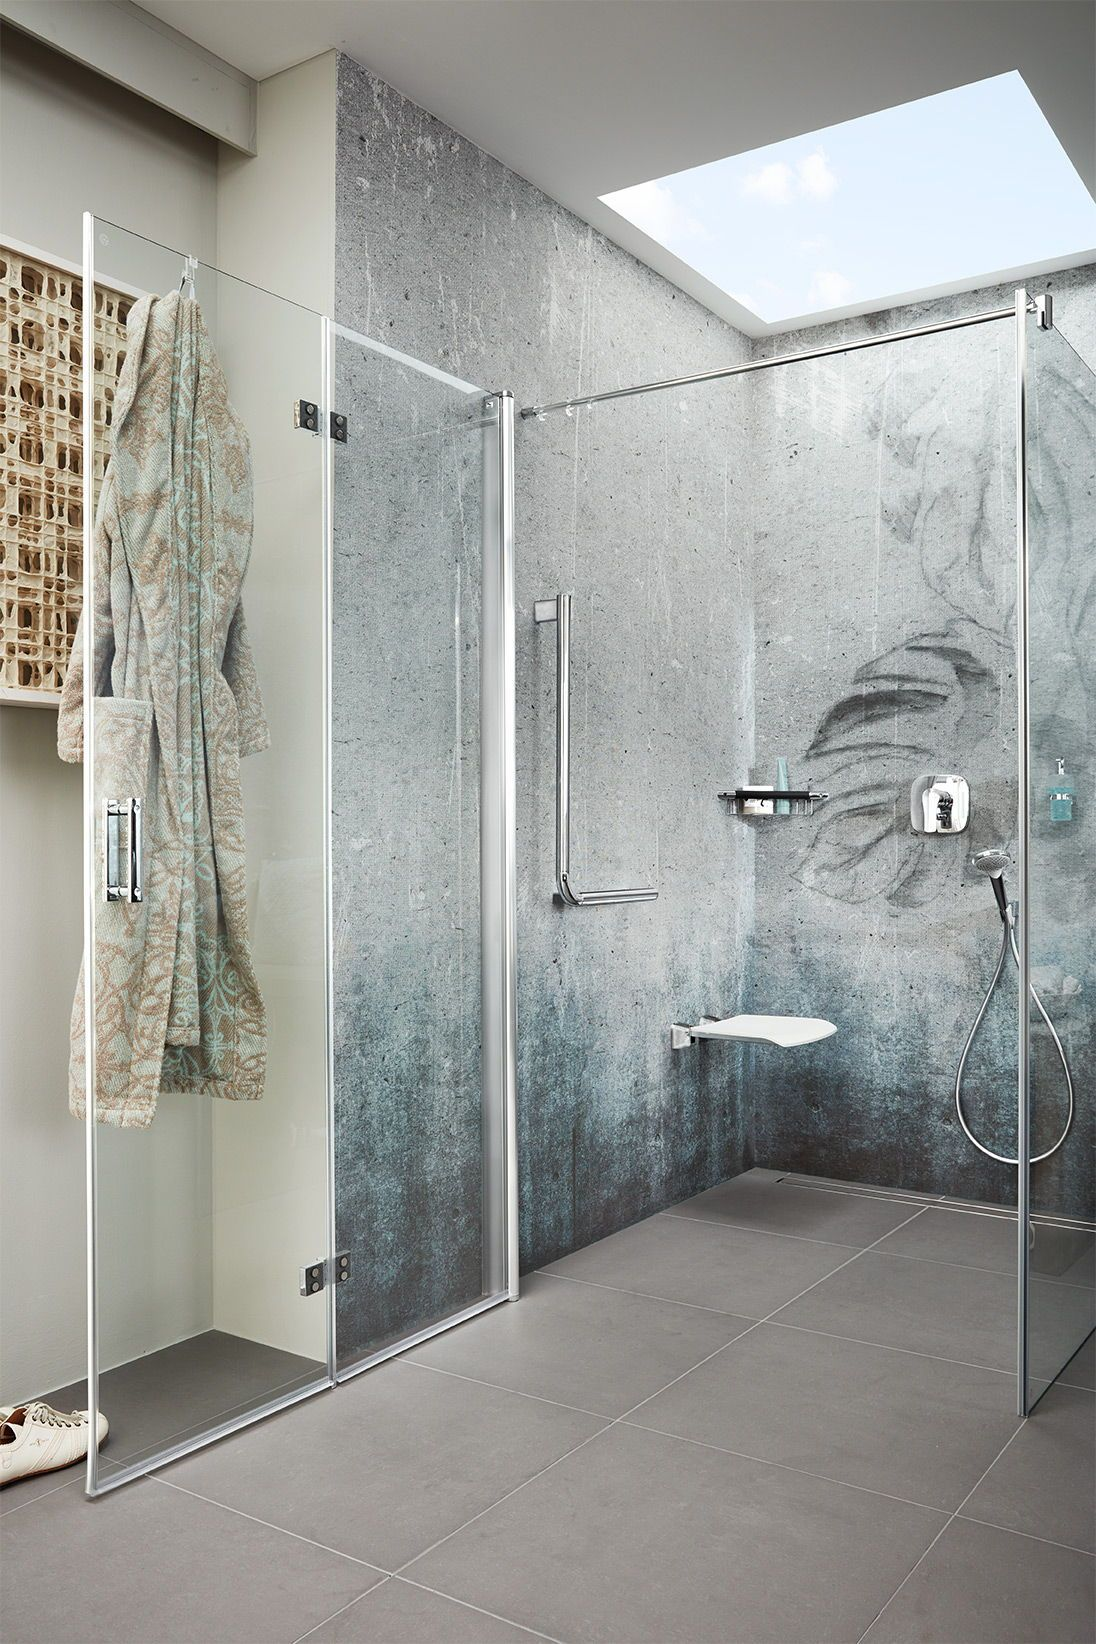 Auch Barrierefreie Badezimmer Mit Sitzmoglichkeit Konnen Peppig Frisch Aussehen Lass Dich Jetzt Zu Deinem Ne Badezimmer Umgestalten Badezimmerideen Badezimmer